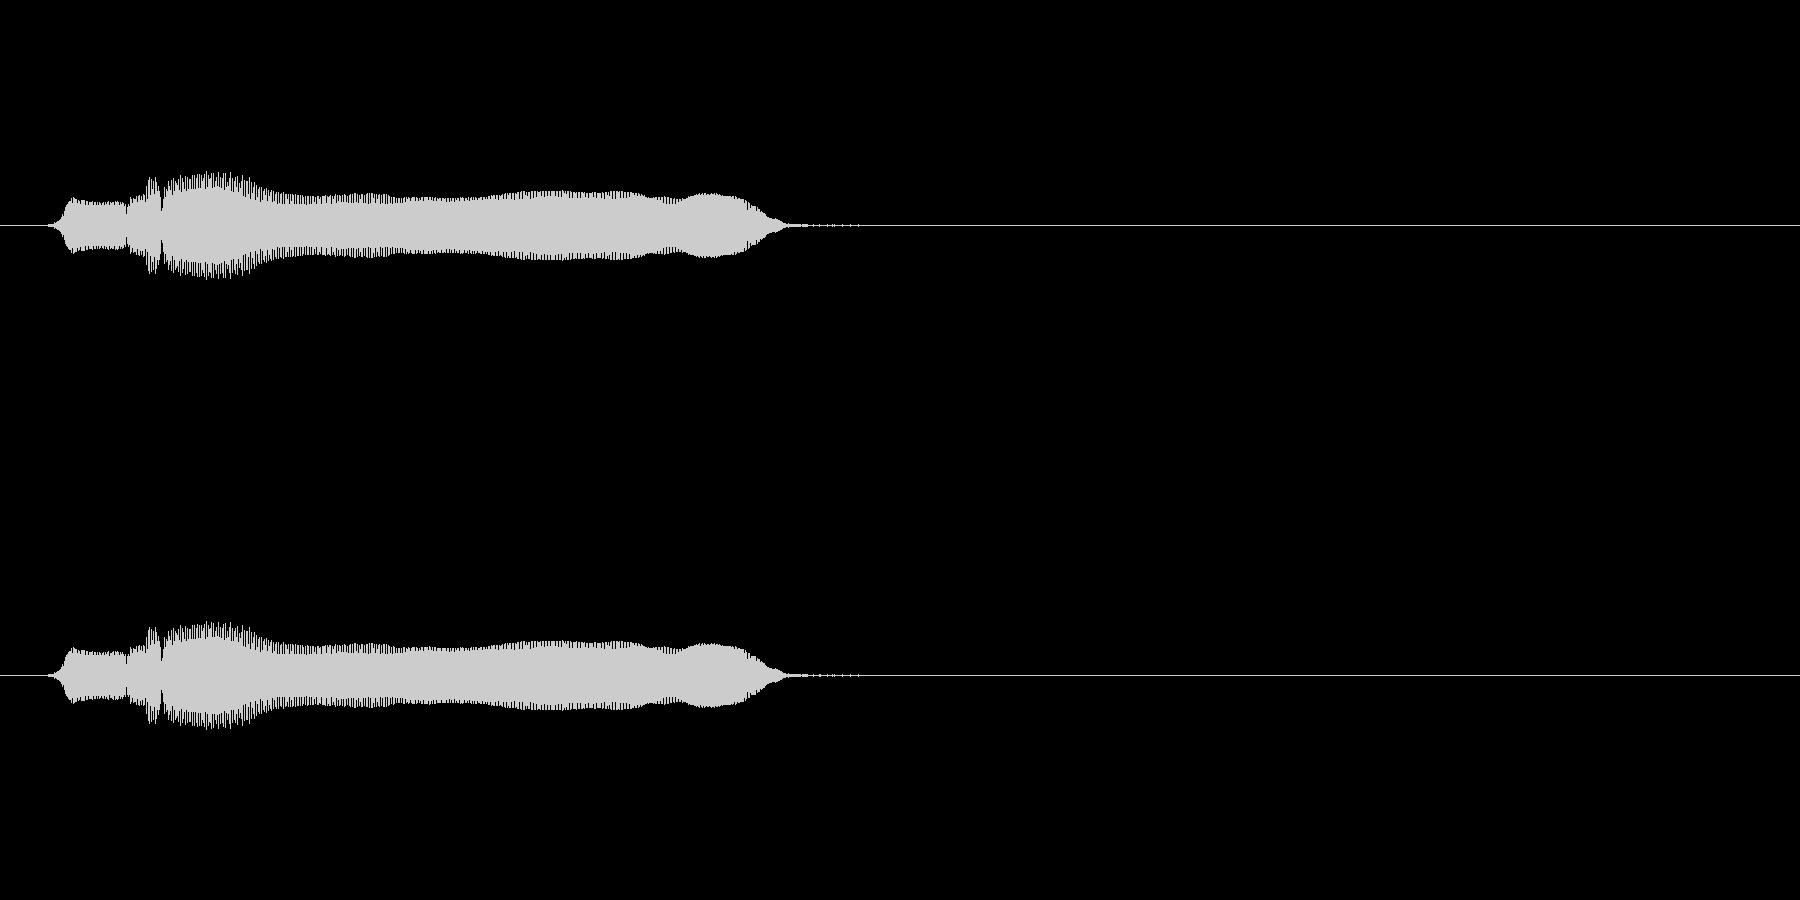 【ブーブークッション02-2】の未再生の波形